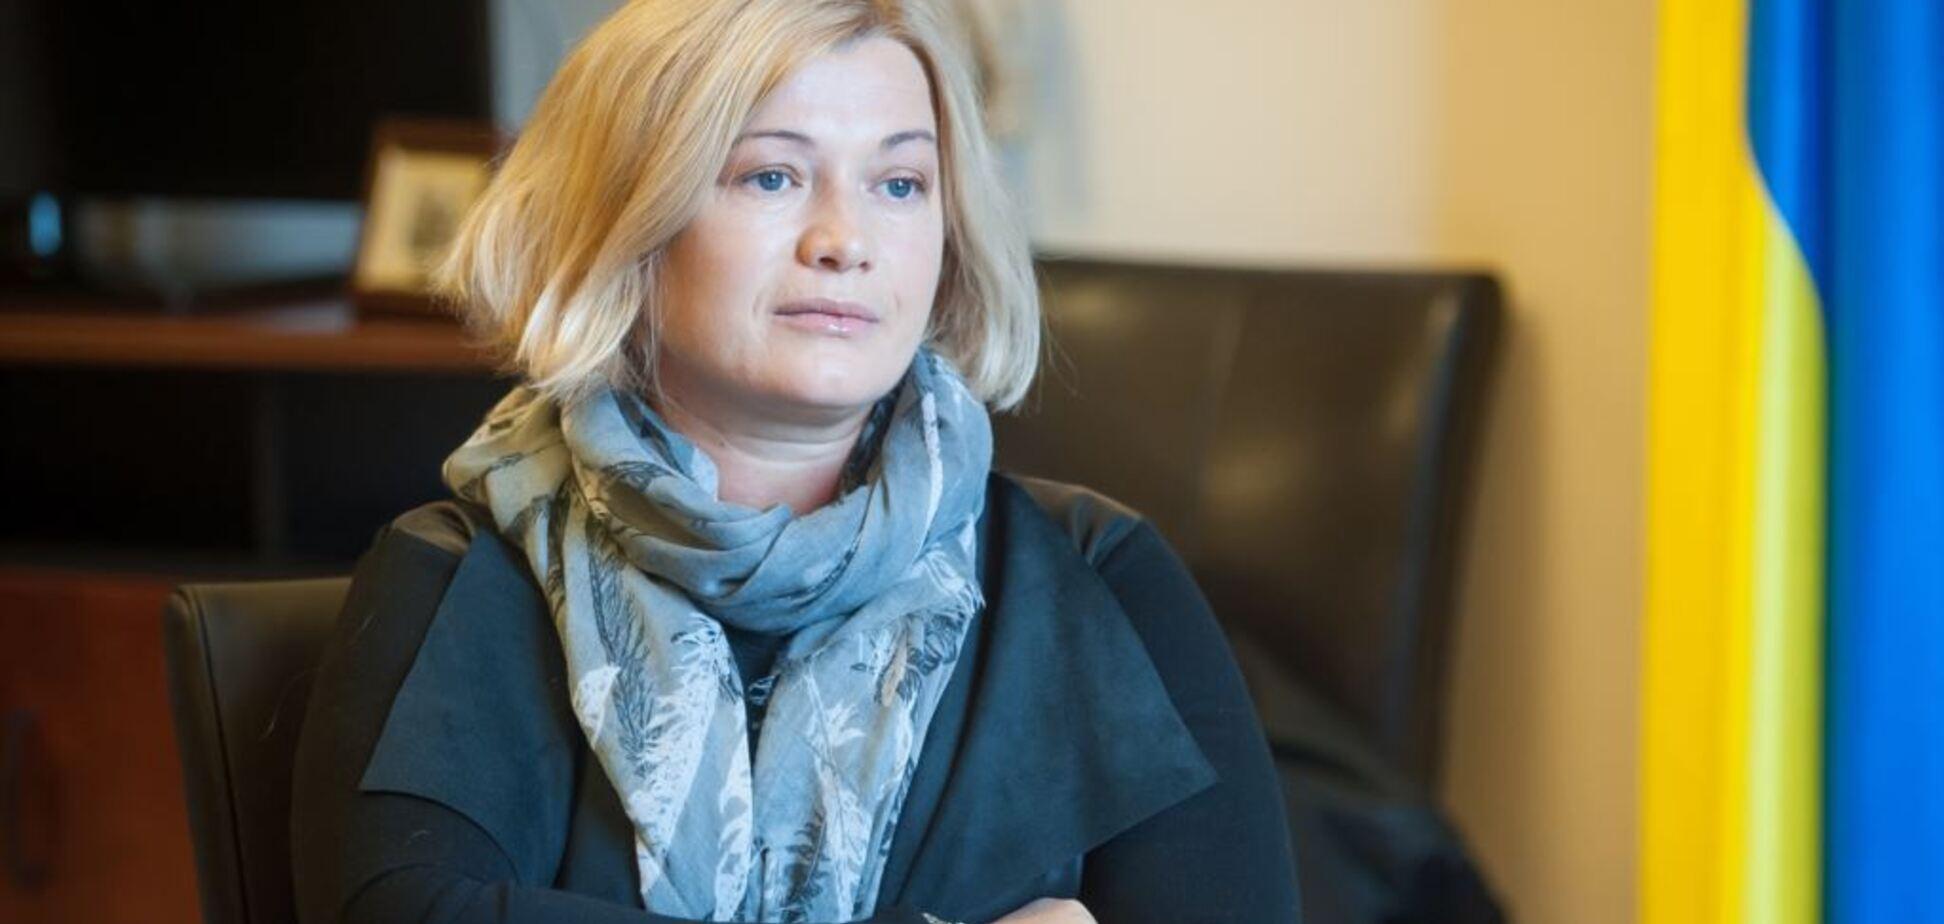 Готовы передать: Геращенко назвала число 'ихтамнетов' в тюрьмах Украины